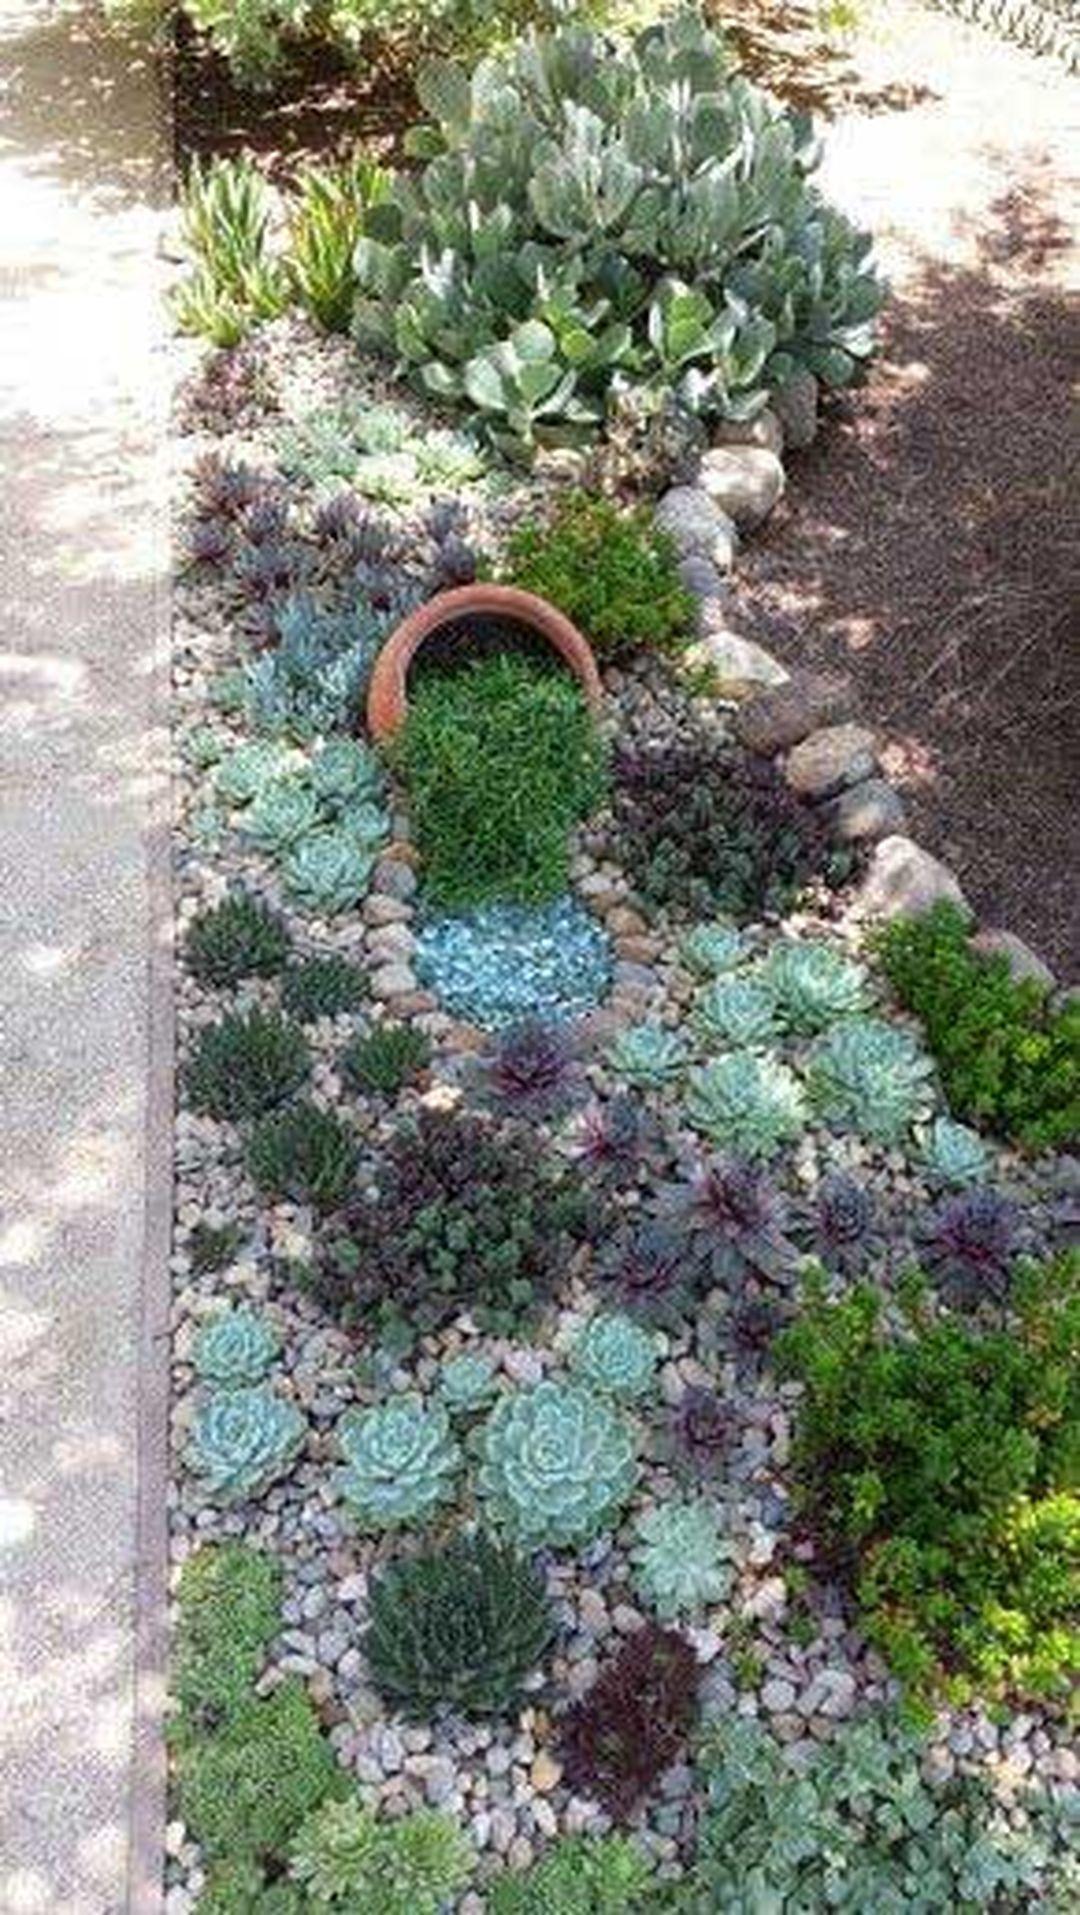 Pin de maria e maya en jardiner a suculentas captus suculentas suculentas jardin y Diseno jardin mediterraneo